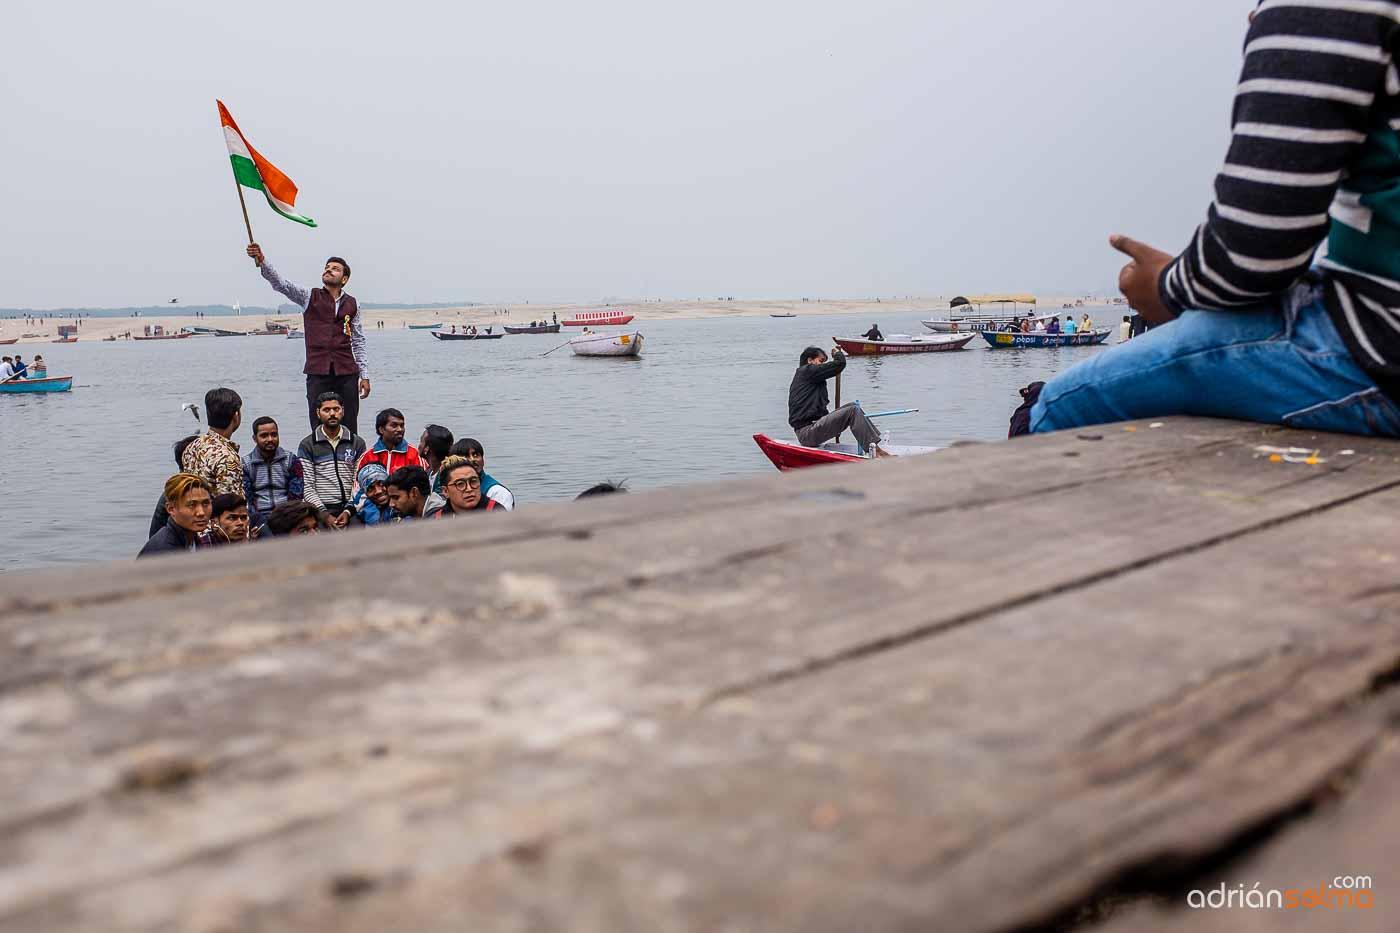 Indios sobre los barcos que te trasladan de una orilla a otra del Ganges.